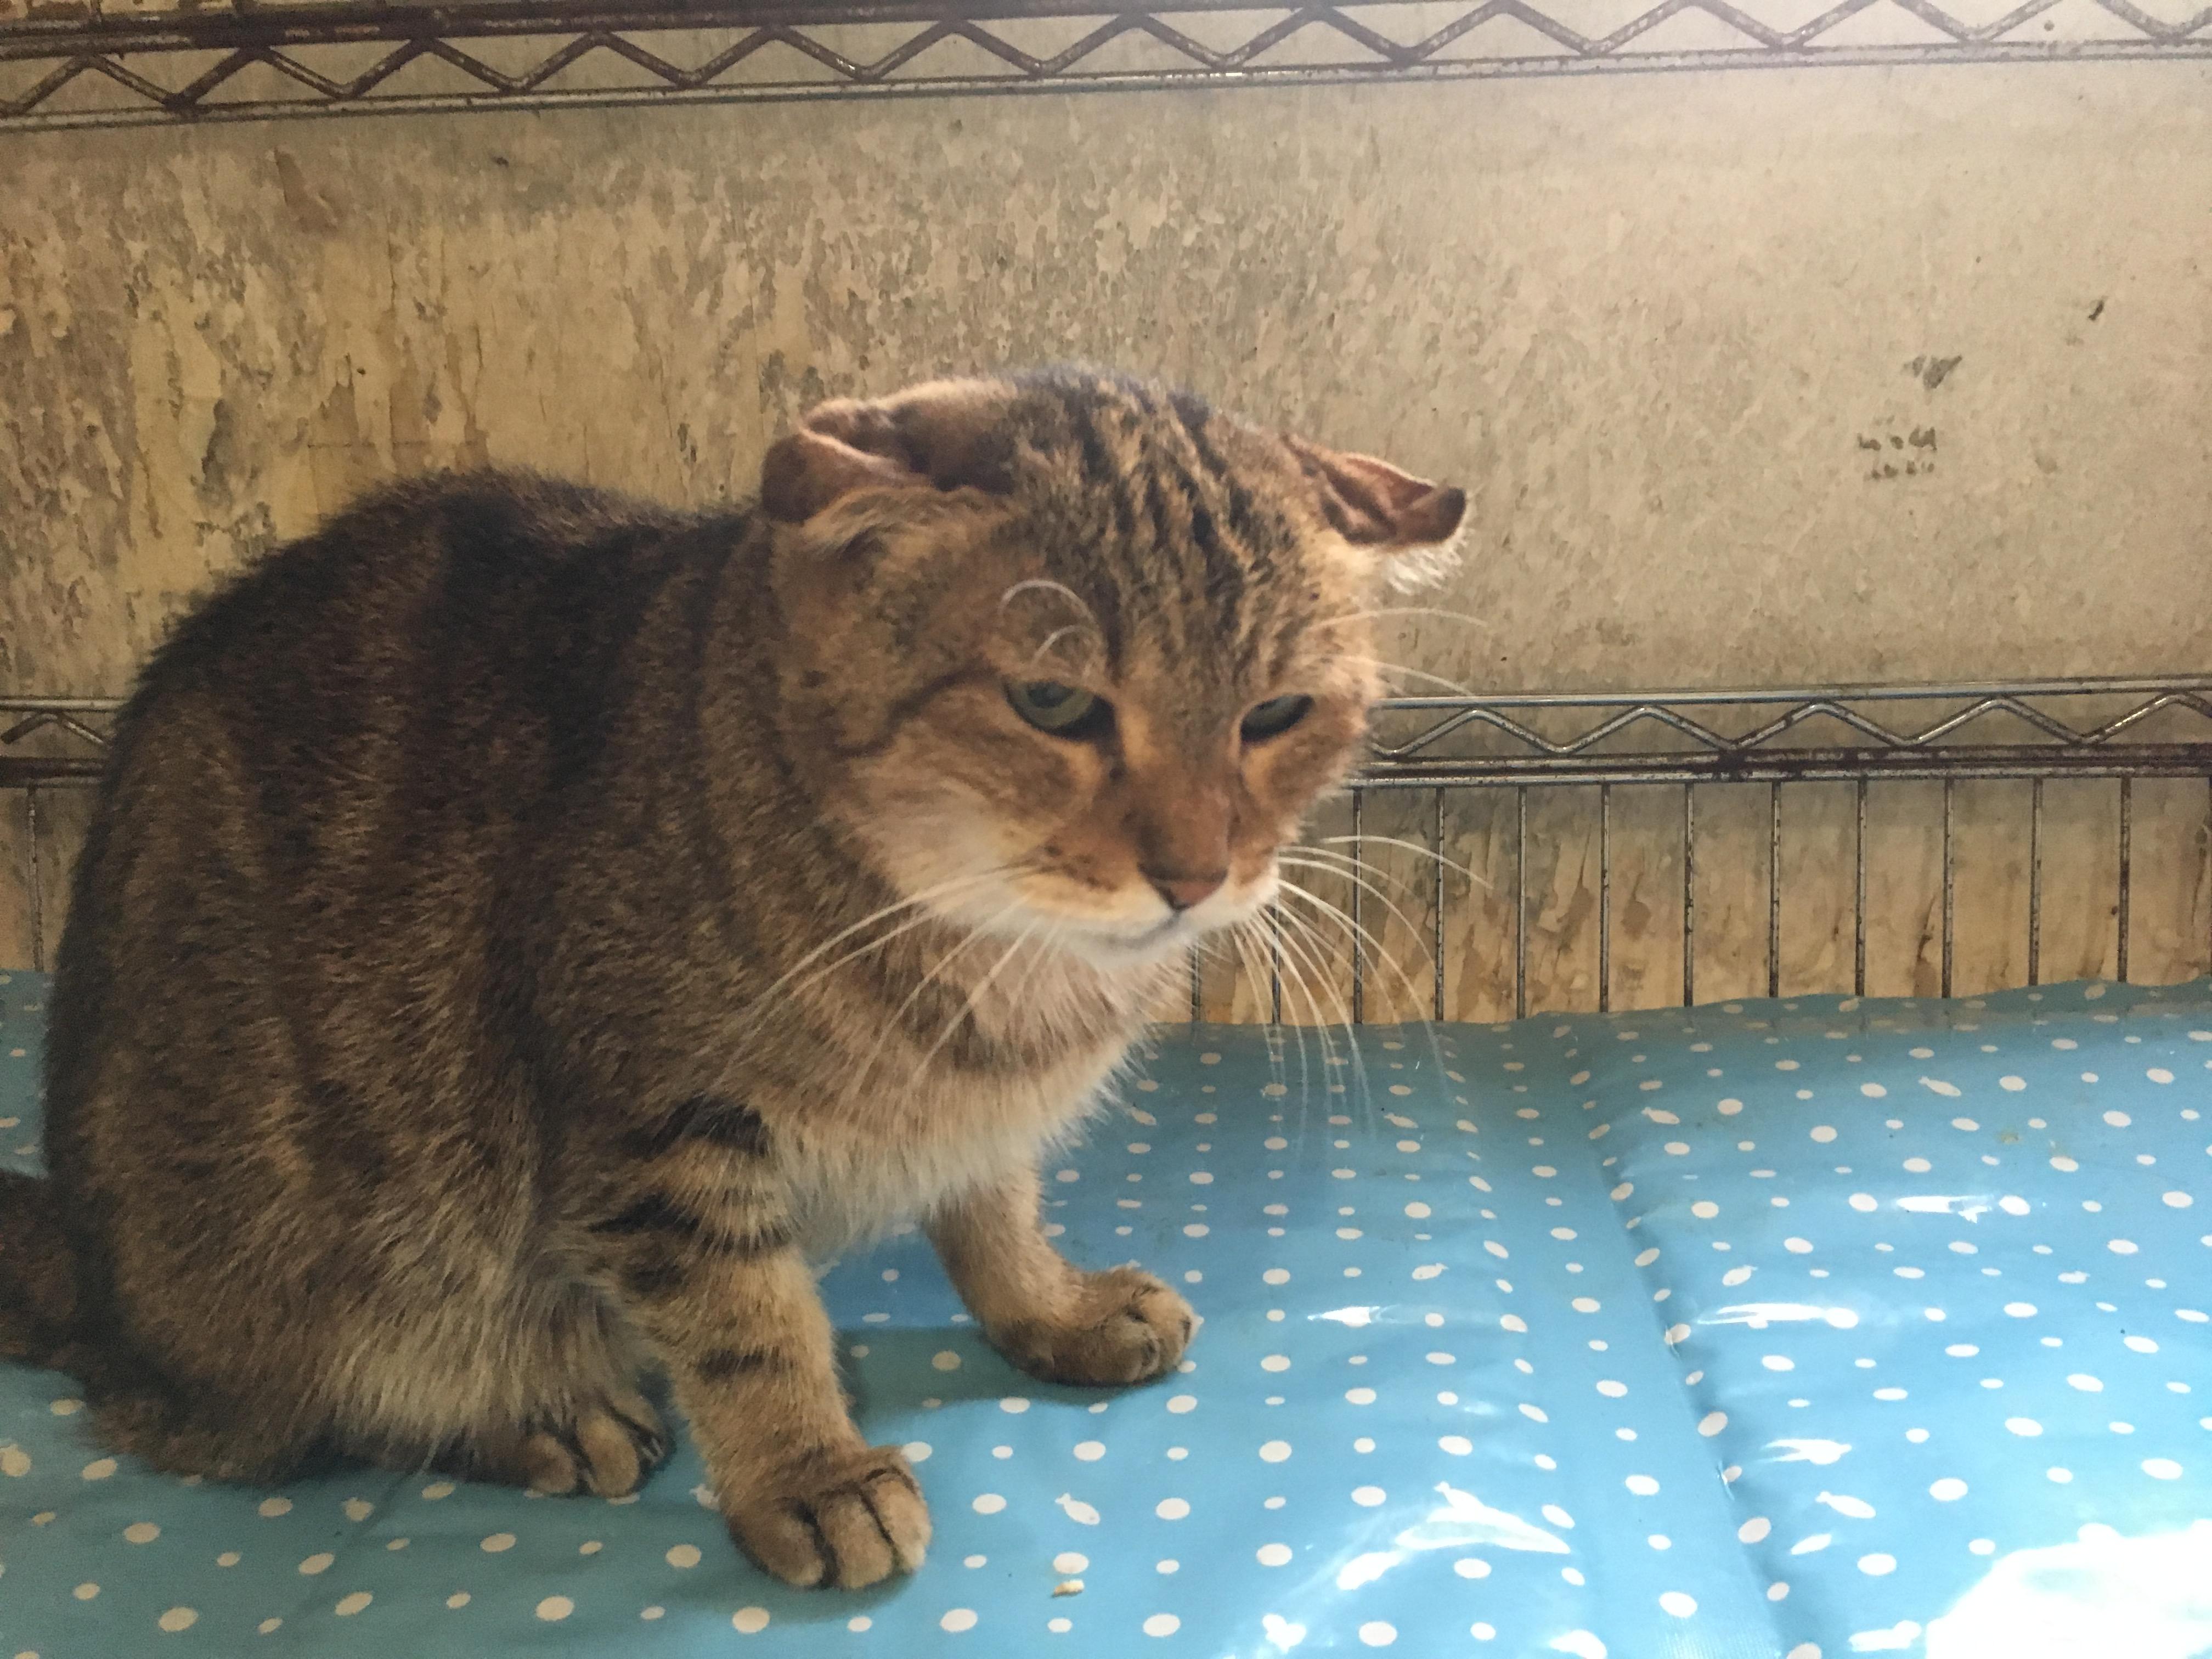 <ul> <li>B7-9</li> <li>猫種:日本猫 キジトラ</li> <li>性別:女の子</li> <li>名前:くり</li> <li>年齢:14才</li> <li>保護経緯:飼い主様の諸事情により飼育困難になりました</li> <li>その他:避妊済み</li> </ul>